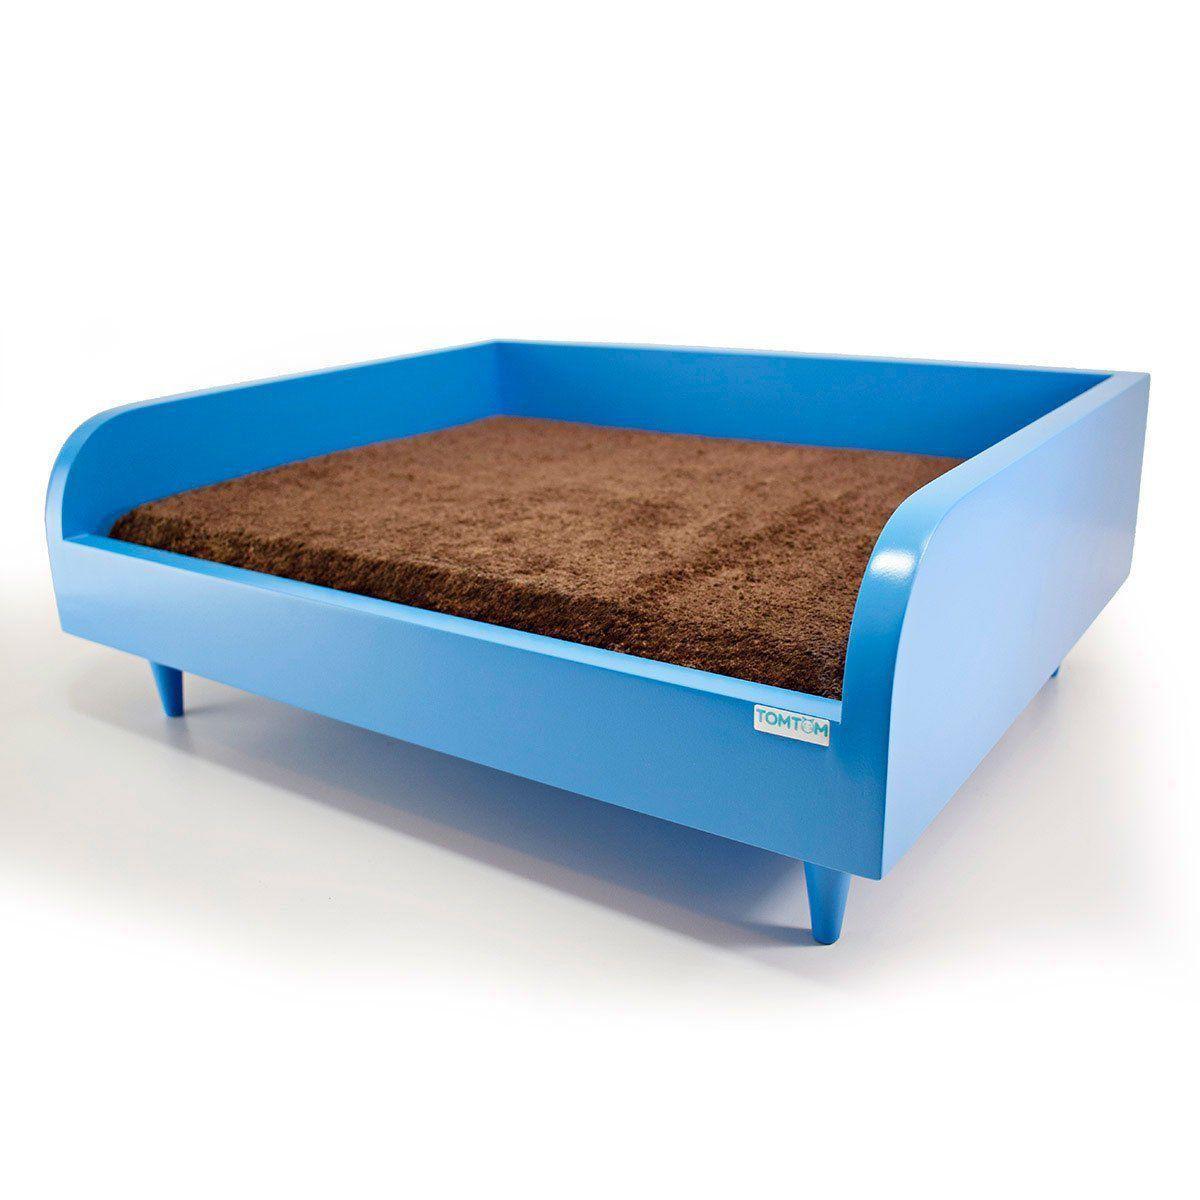 Sofá para Cachorro Tomtom Pet Azul com Almofada Marrom - P